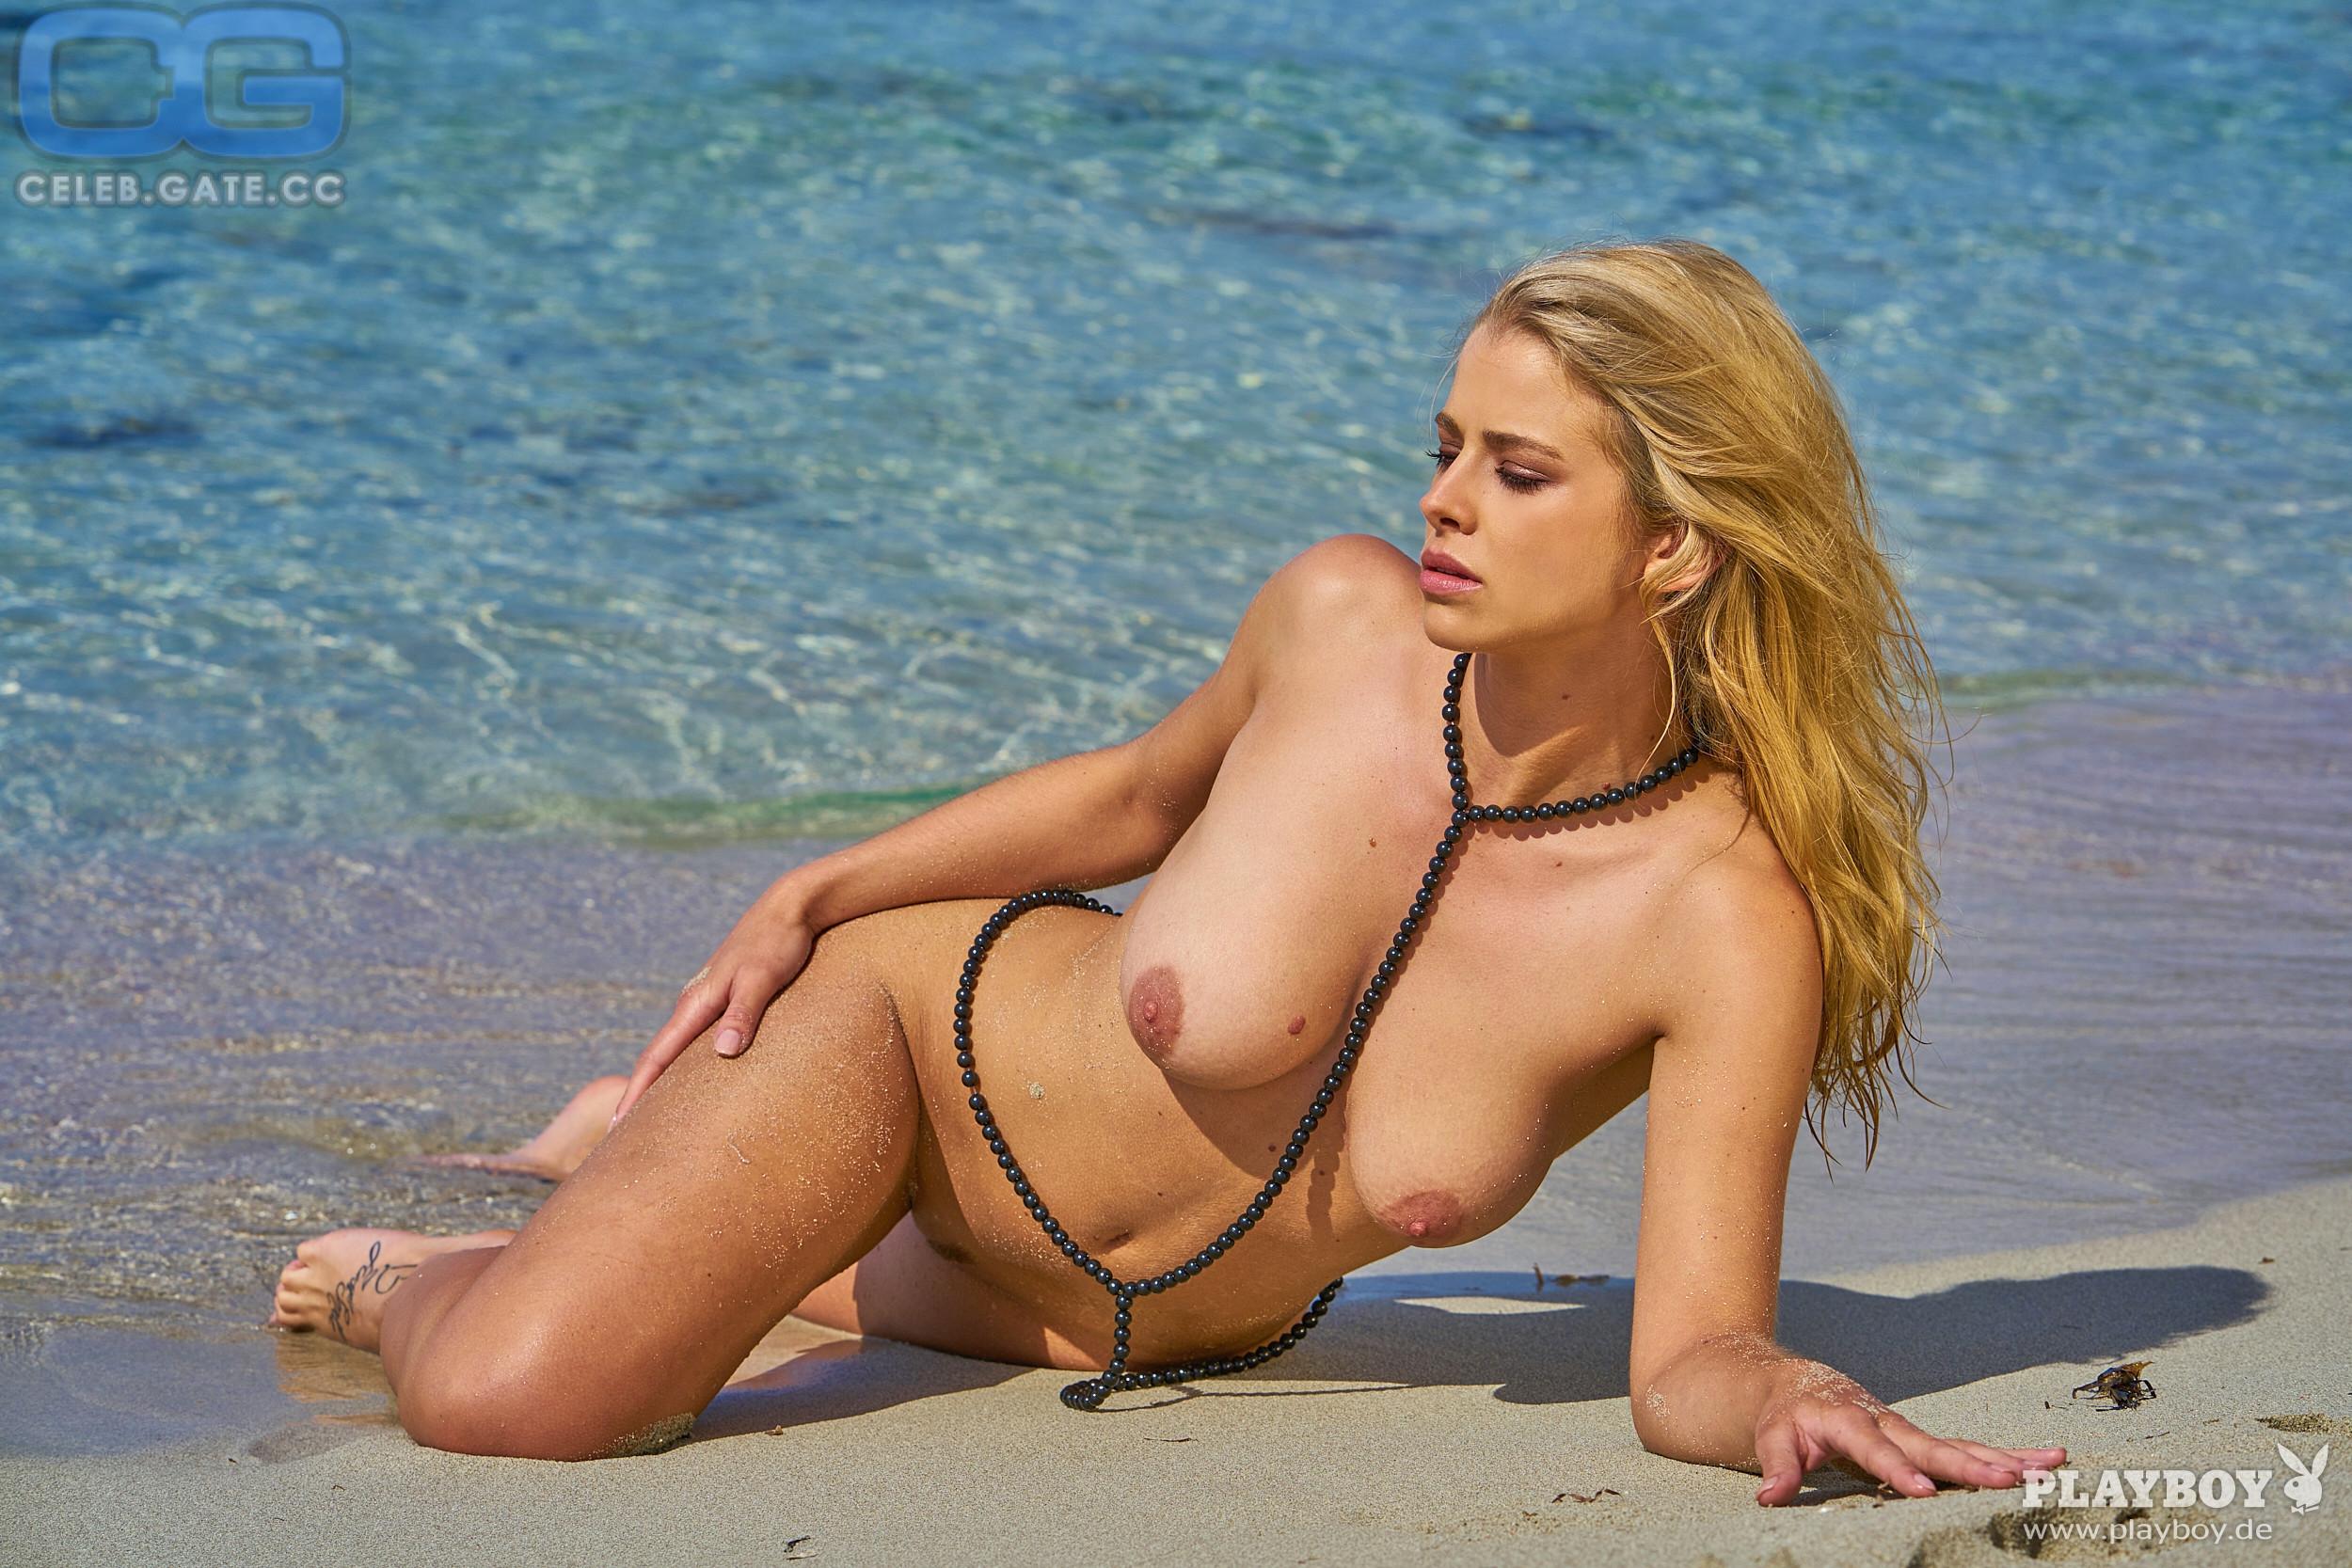 saskia atzerodt naked